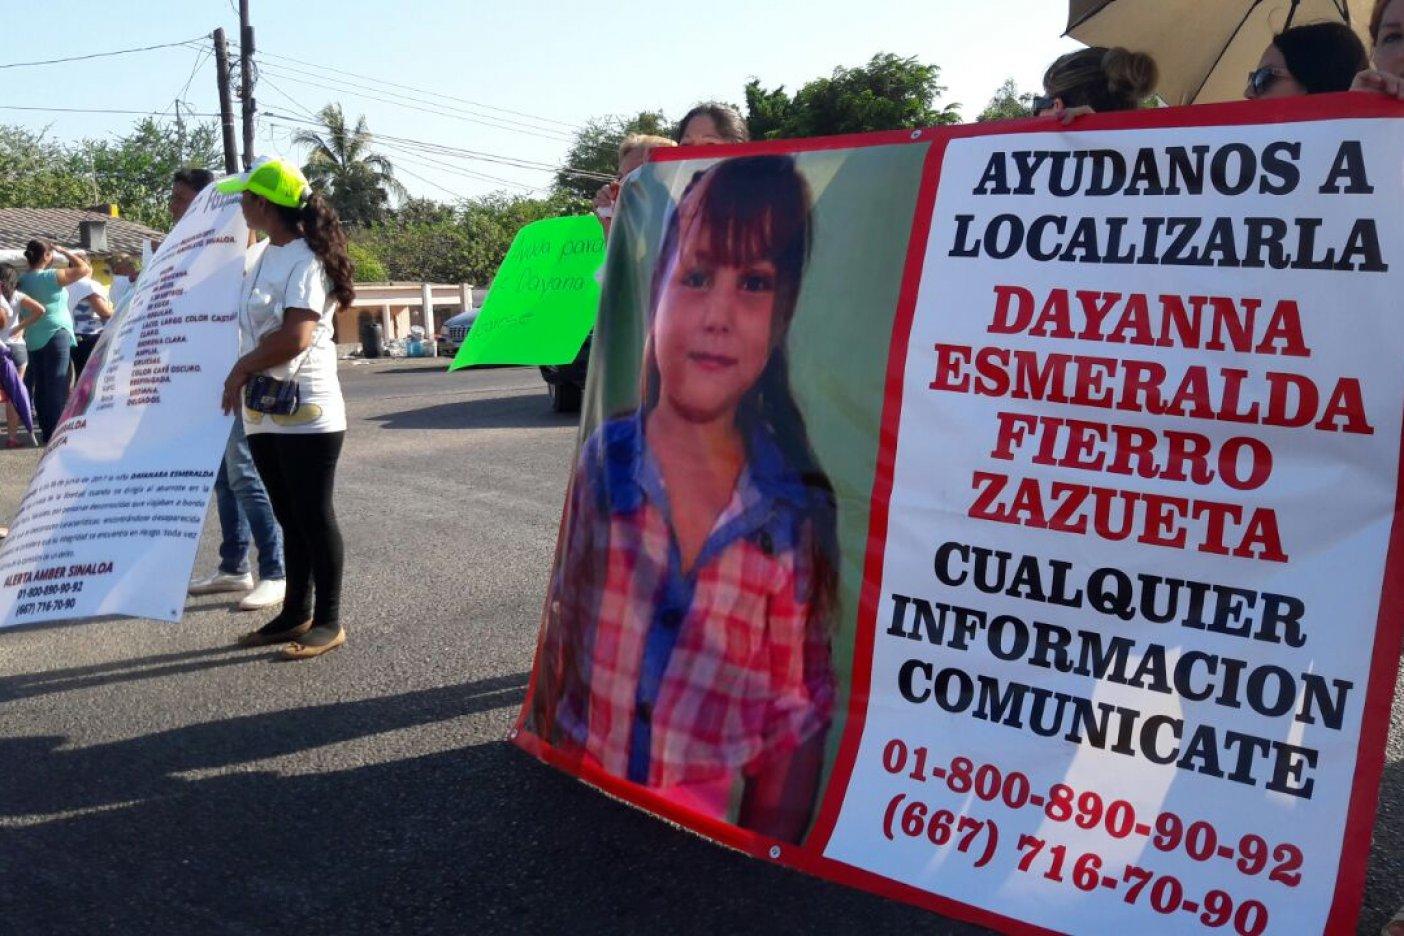 Confirman asesinato de niña desaparecida en Sinaloa